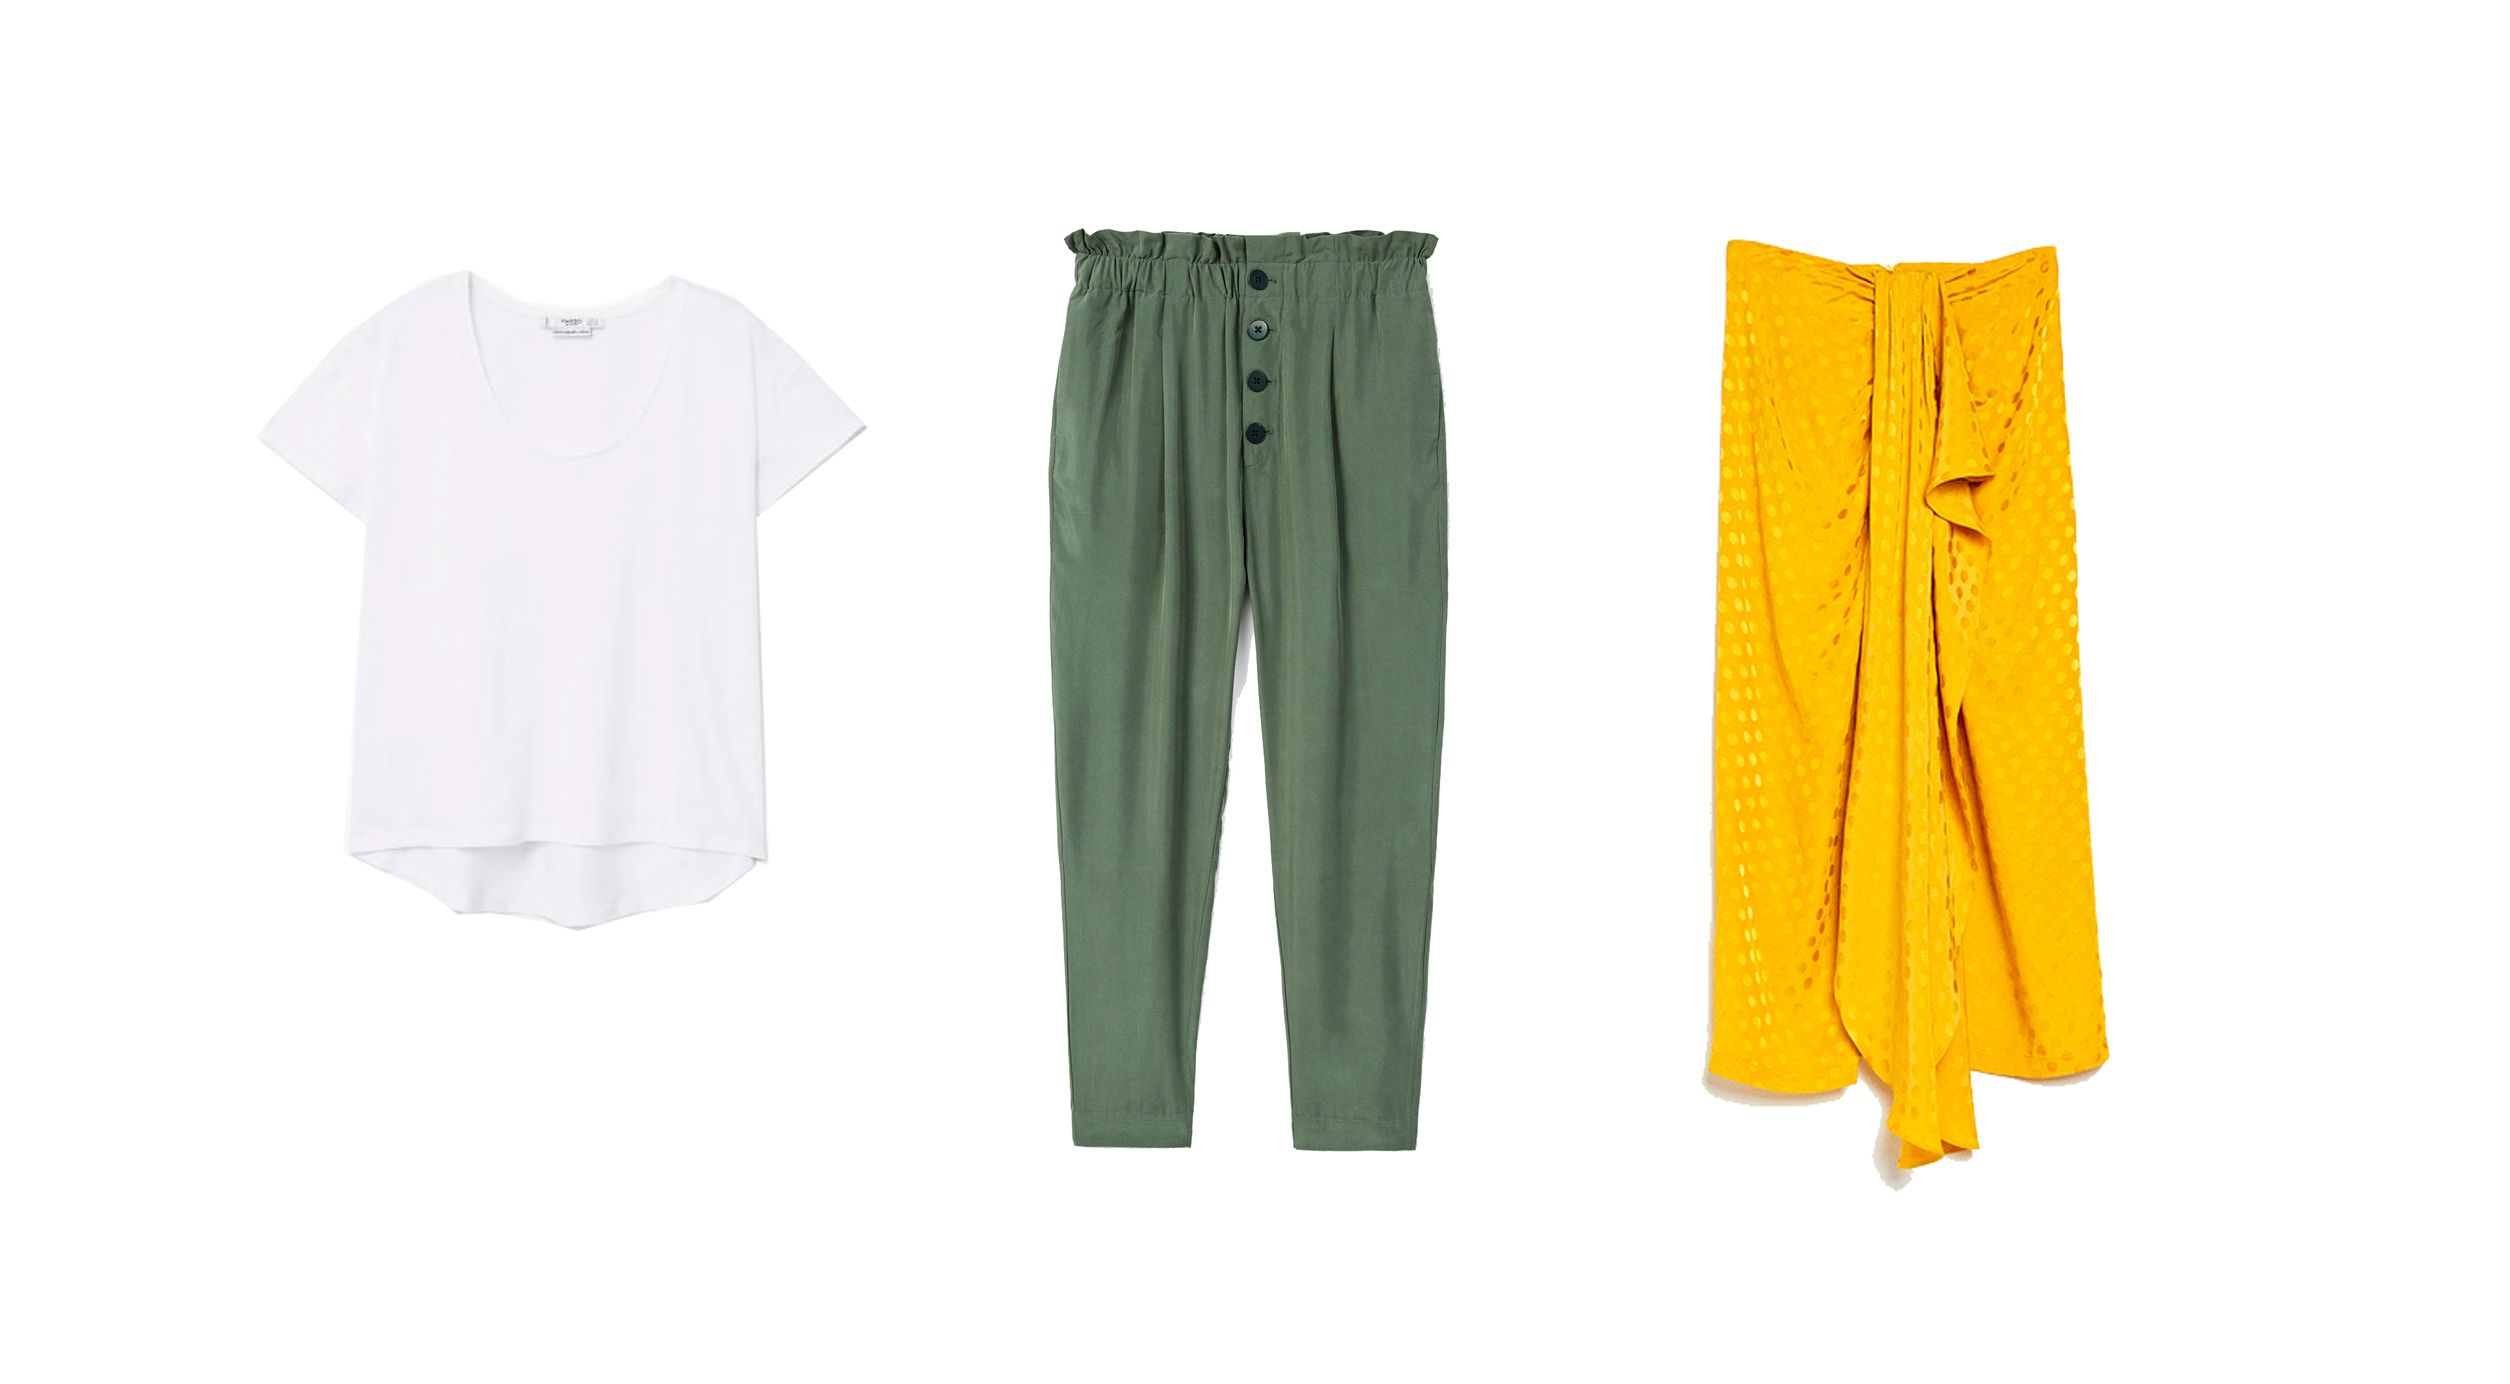 abf0bcd3bf Un armario cápsula de verano perfecto con sólo 15 prendas